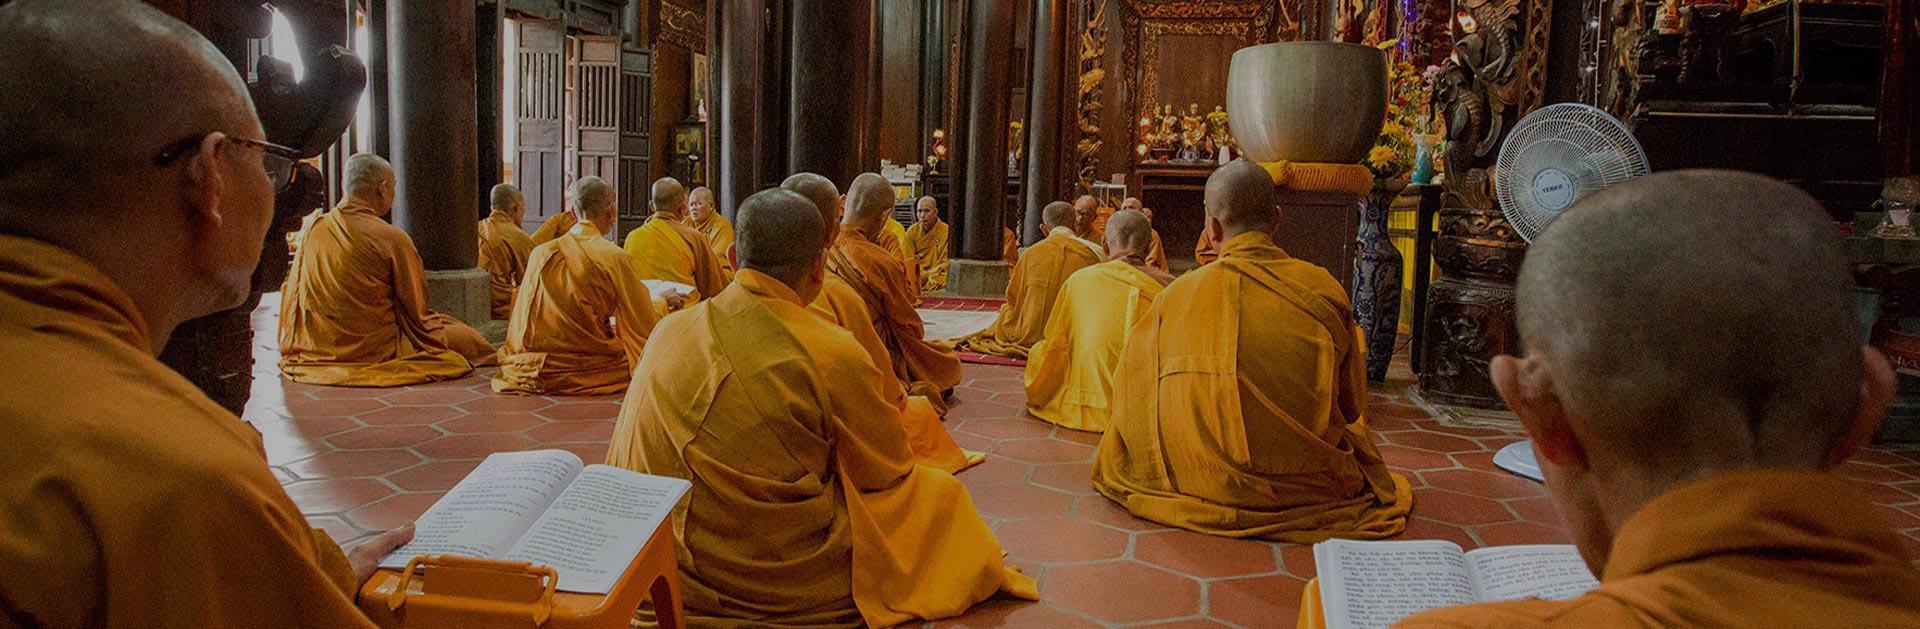 VN Vietnam Templos y Juncos 12 días 4